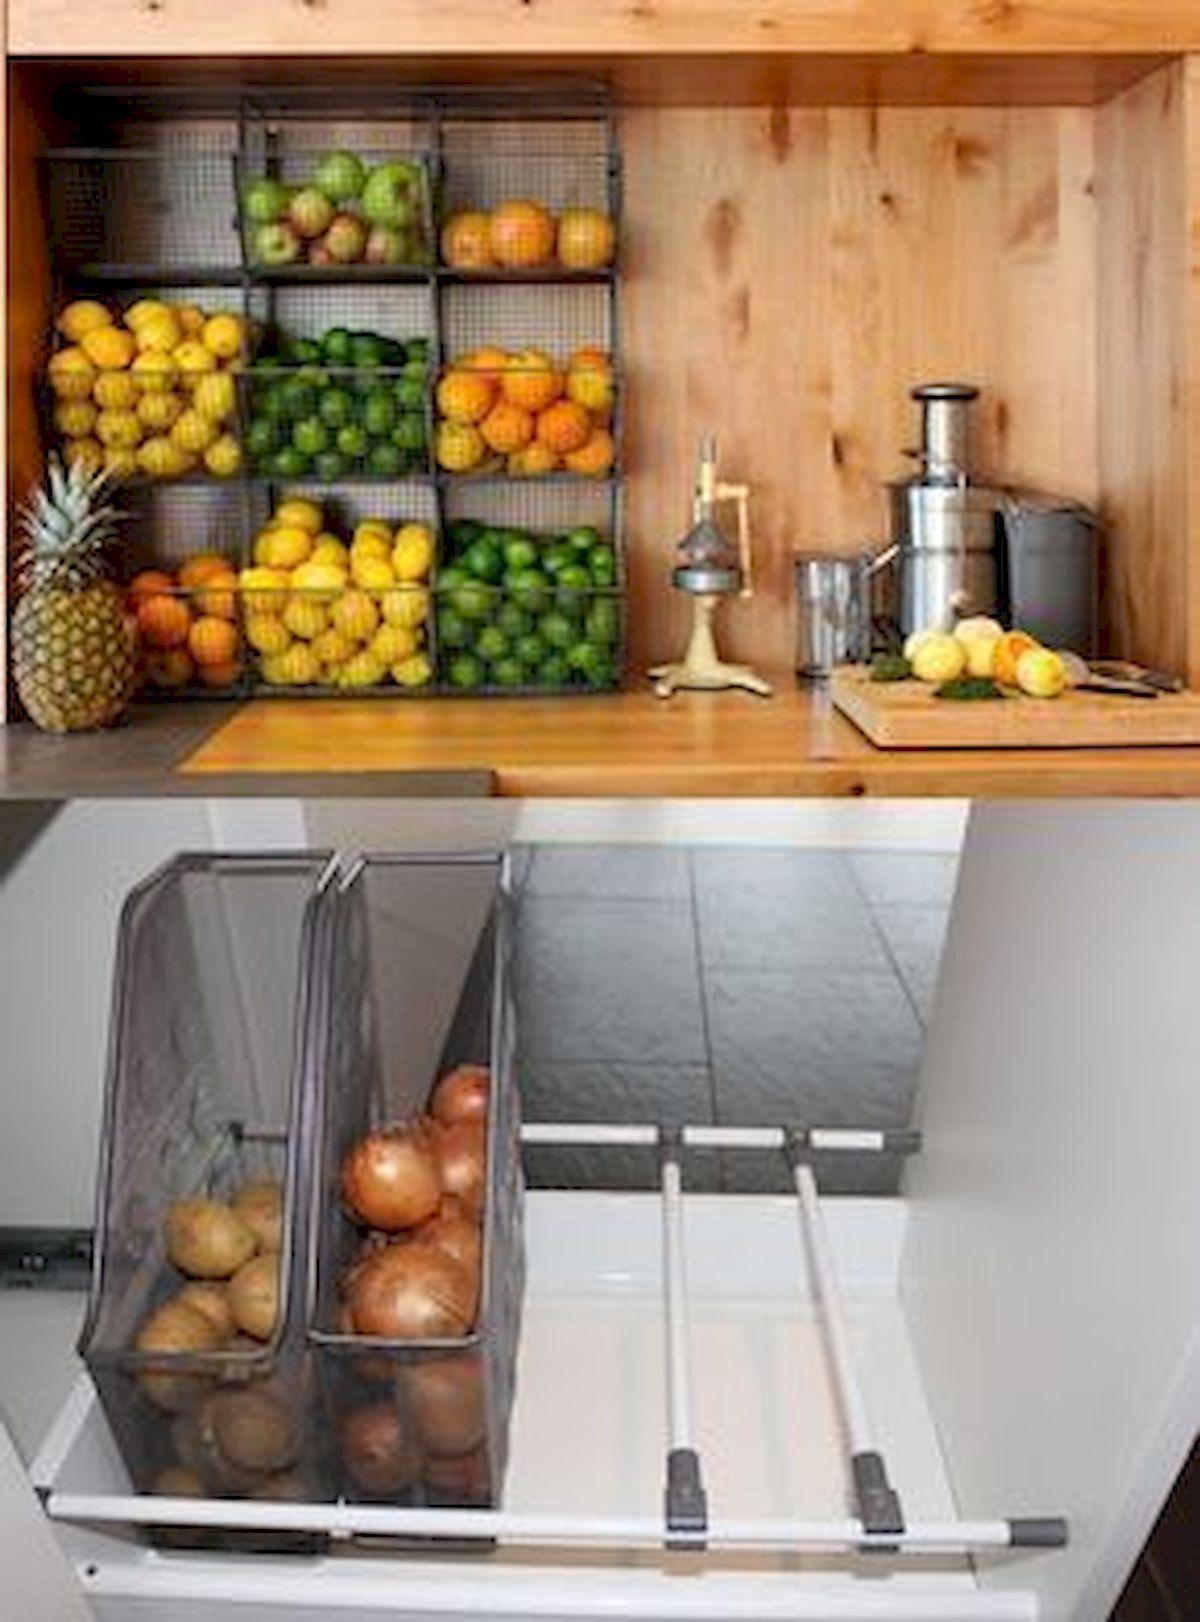 30 Best Fruit And Vegetable Storage Ideas For Your Kitchen Small Kitchen Decor Interior Design Kitchen Kitchen Design